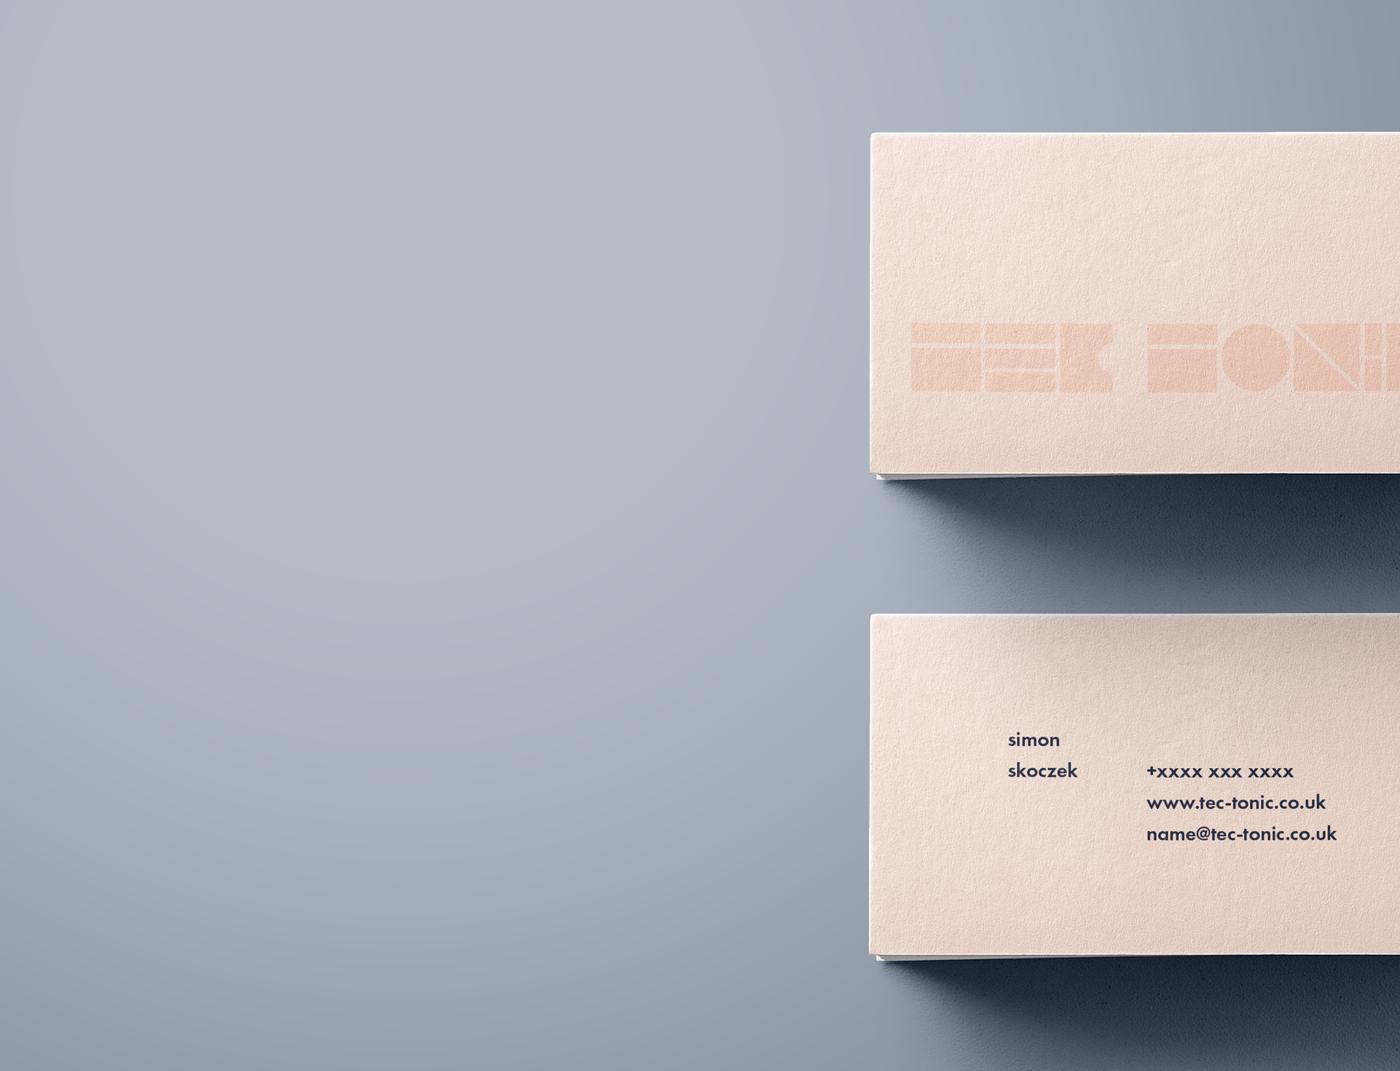 Tec-Tonic-Business-Cards-Close-Up-2.png